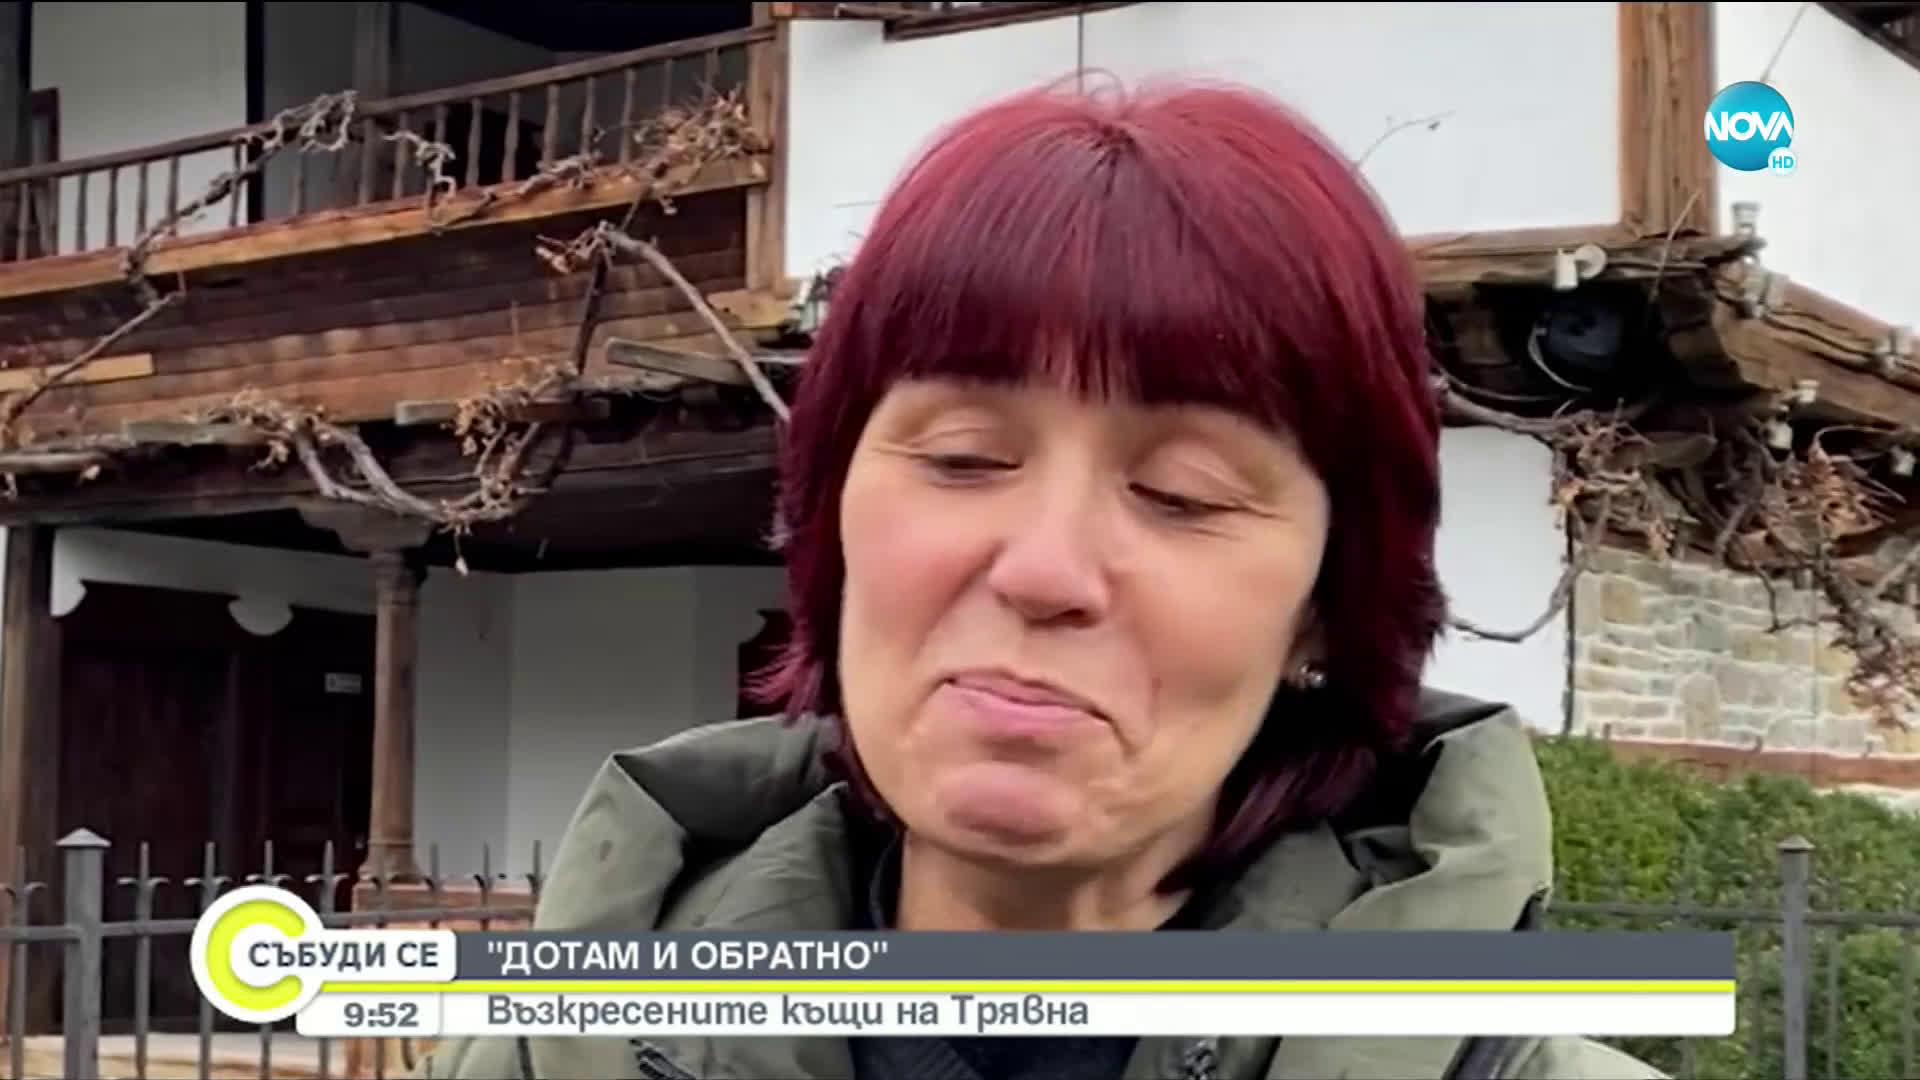 """""""ДОТАМ И ОБРАТНО"""": Дърворезбар """"възкресява"""" къщите на Трявна в уникален макет"""